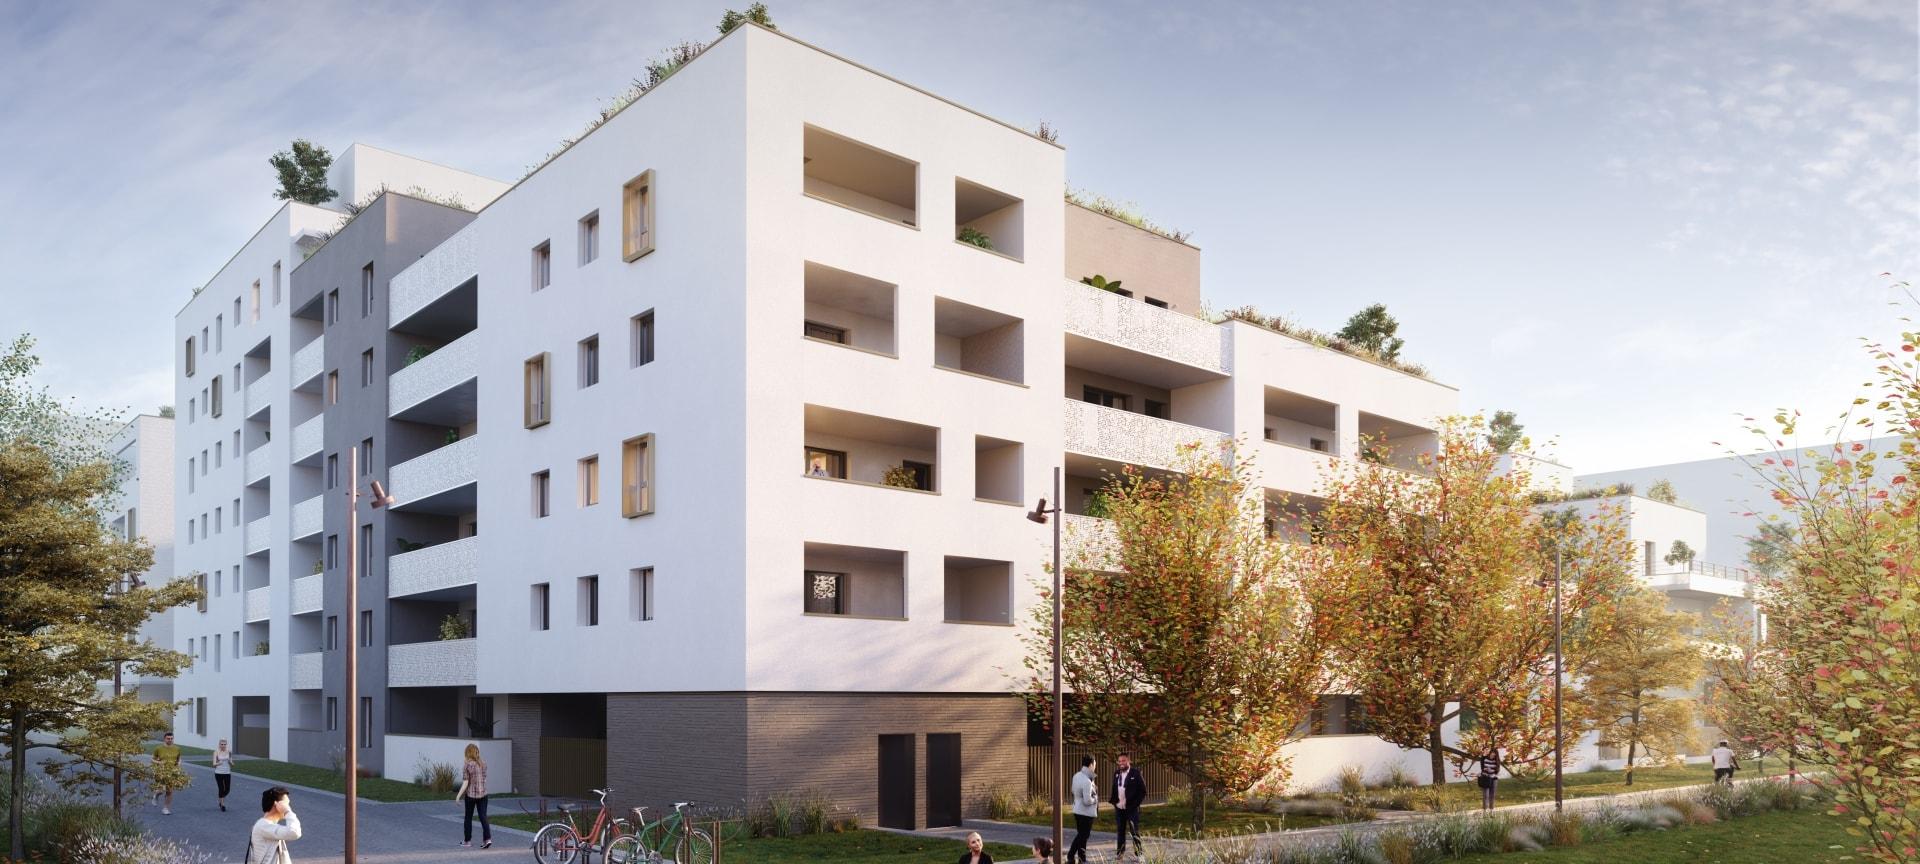 Programme immobilier EDE1 appartement à Cranves Sales (74380) Proche Centre Ville